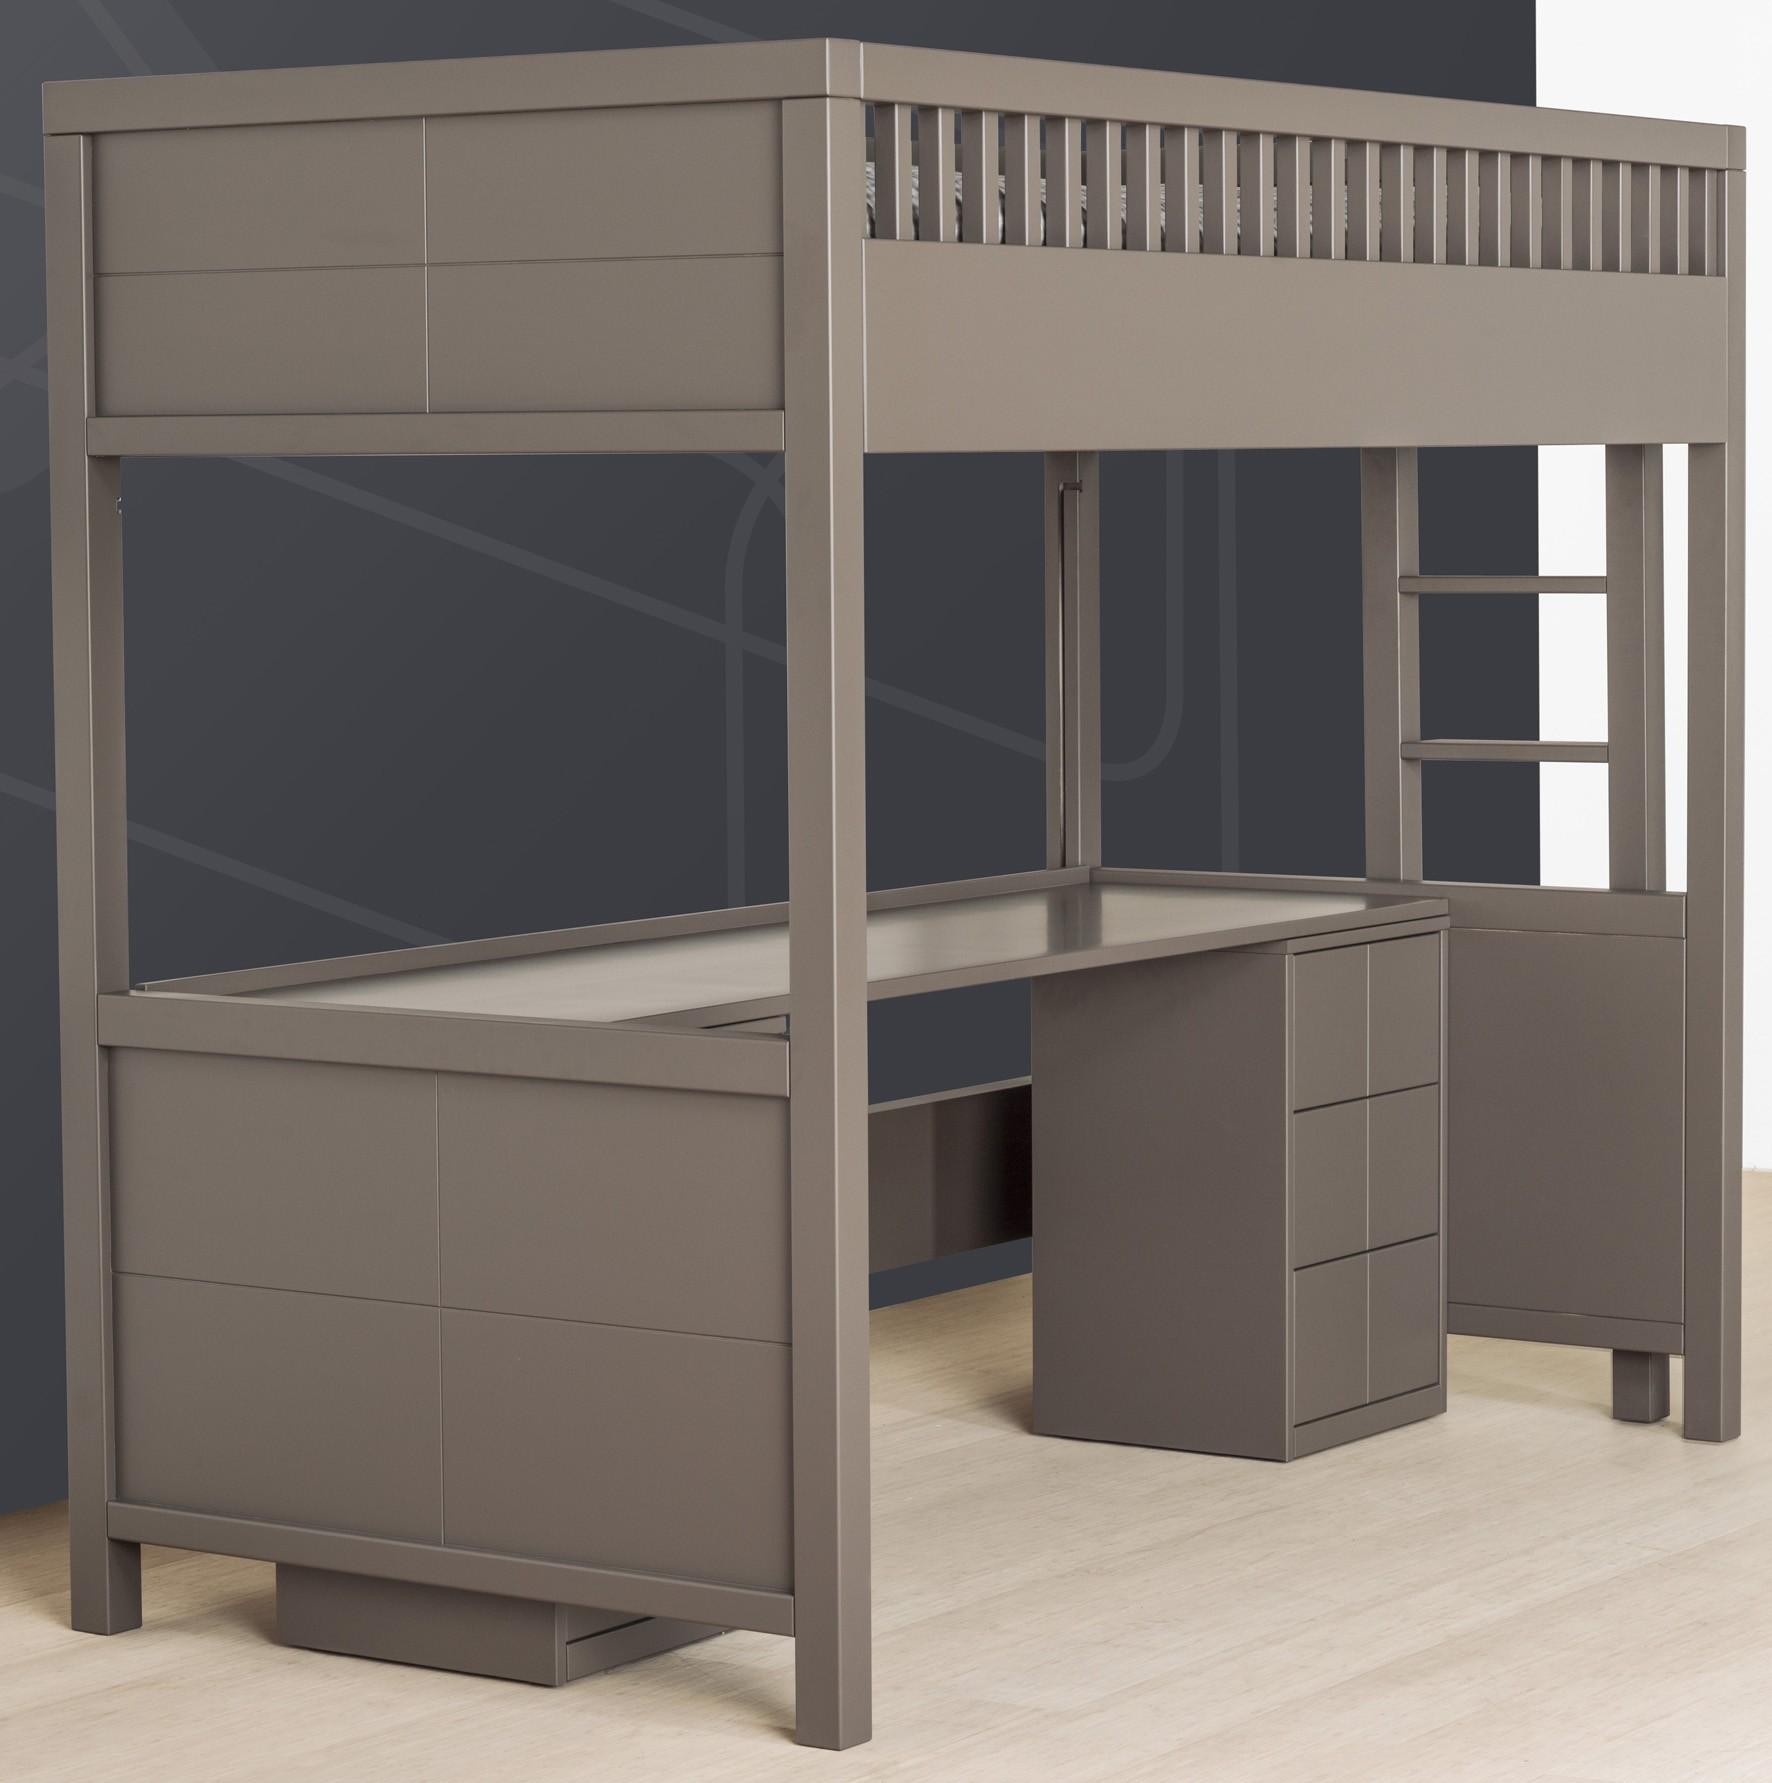 Caisson de support pour mezzanine quarr quax marques for Lit mezzanine avec bureau ikea